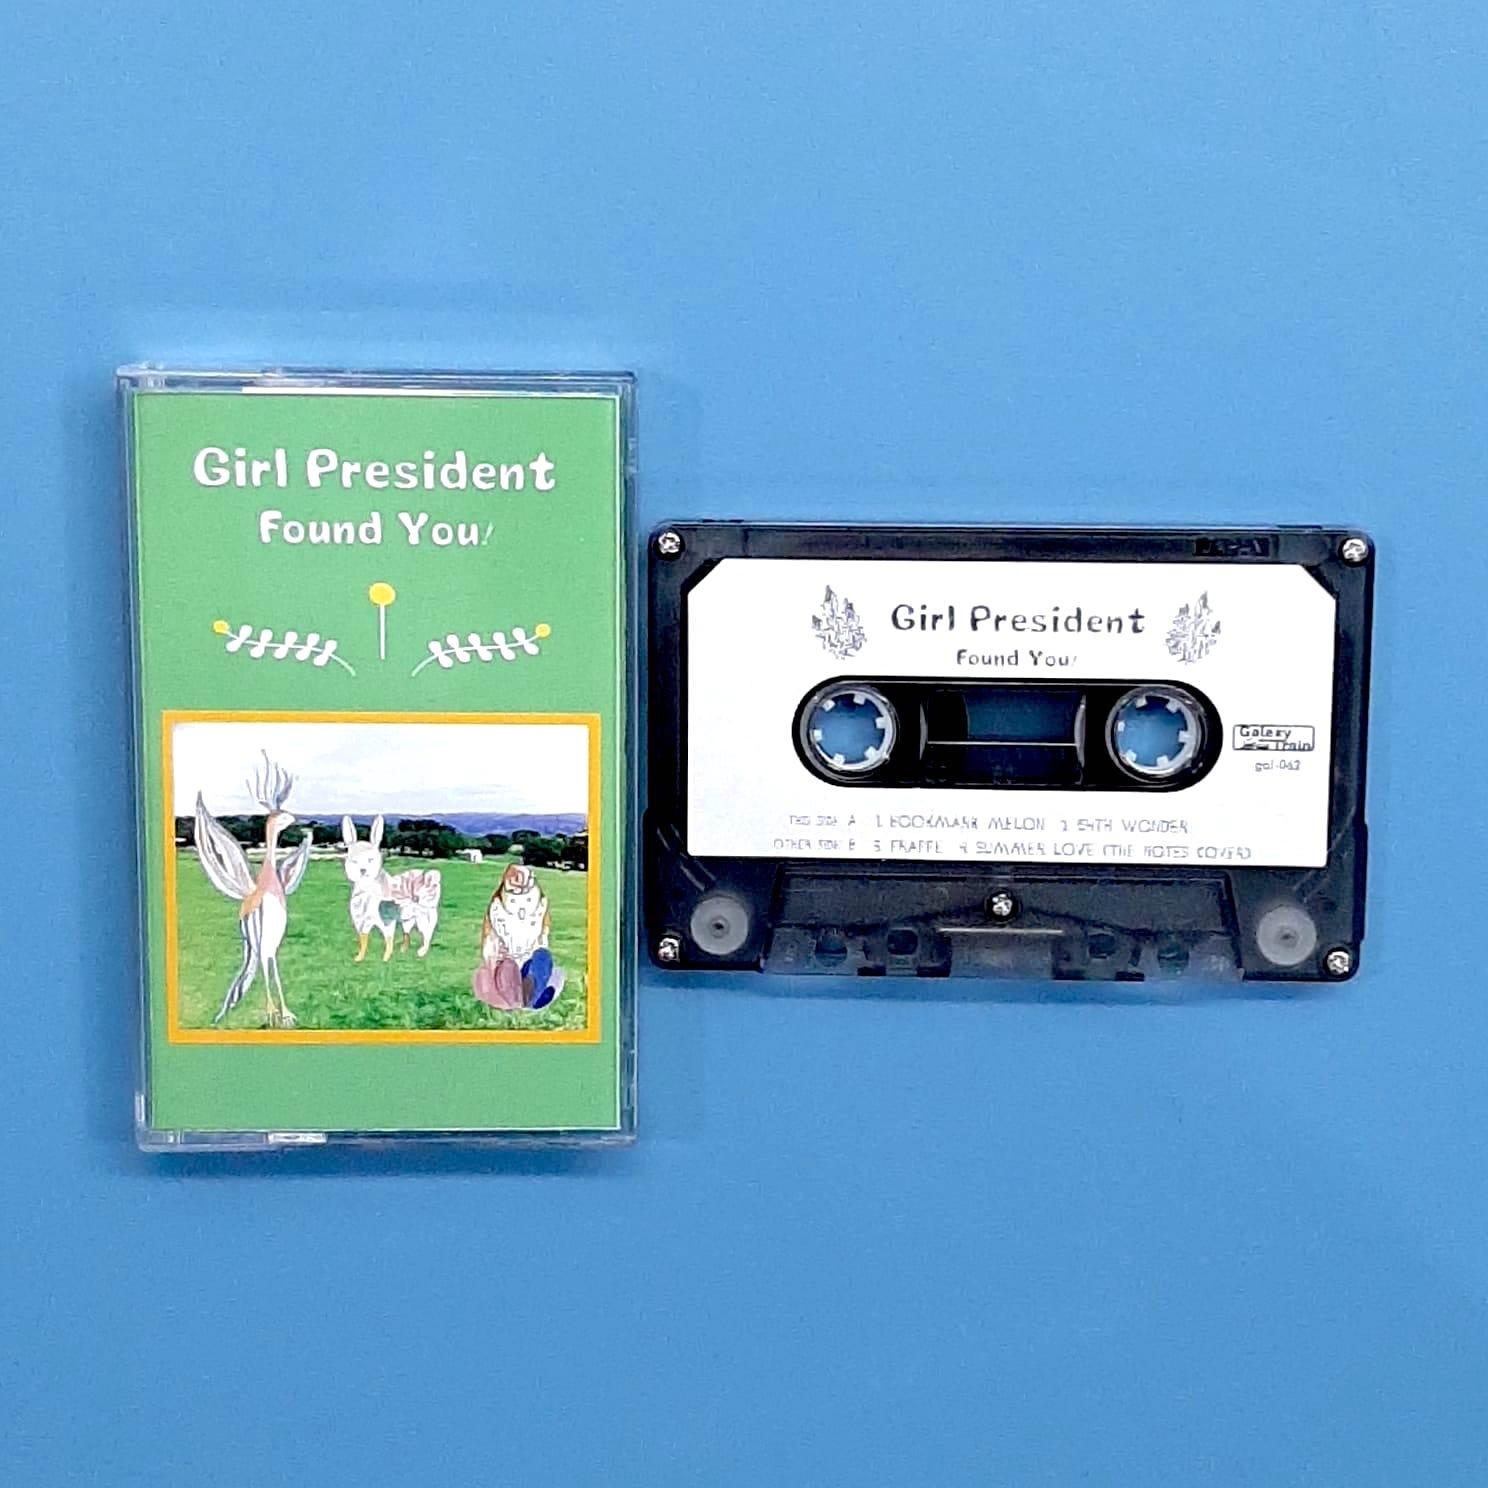 Girl President - Found You! (Galaxy Train)